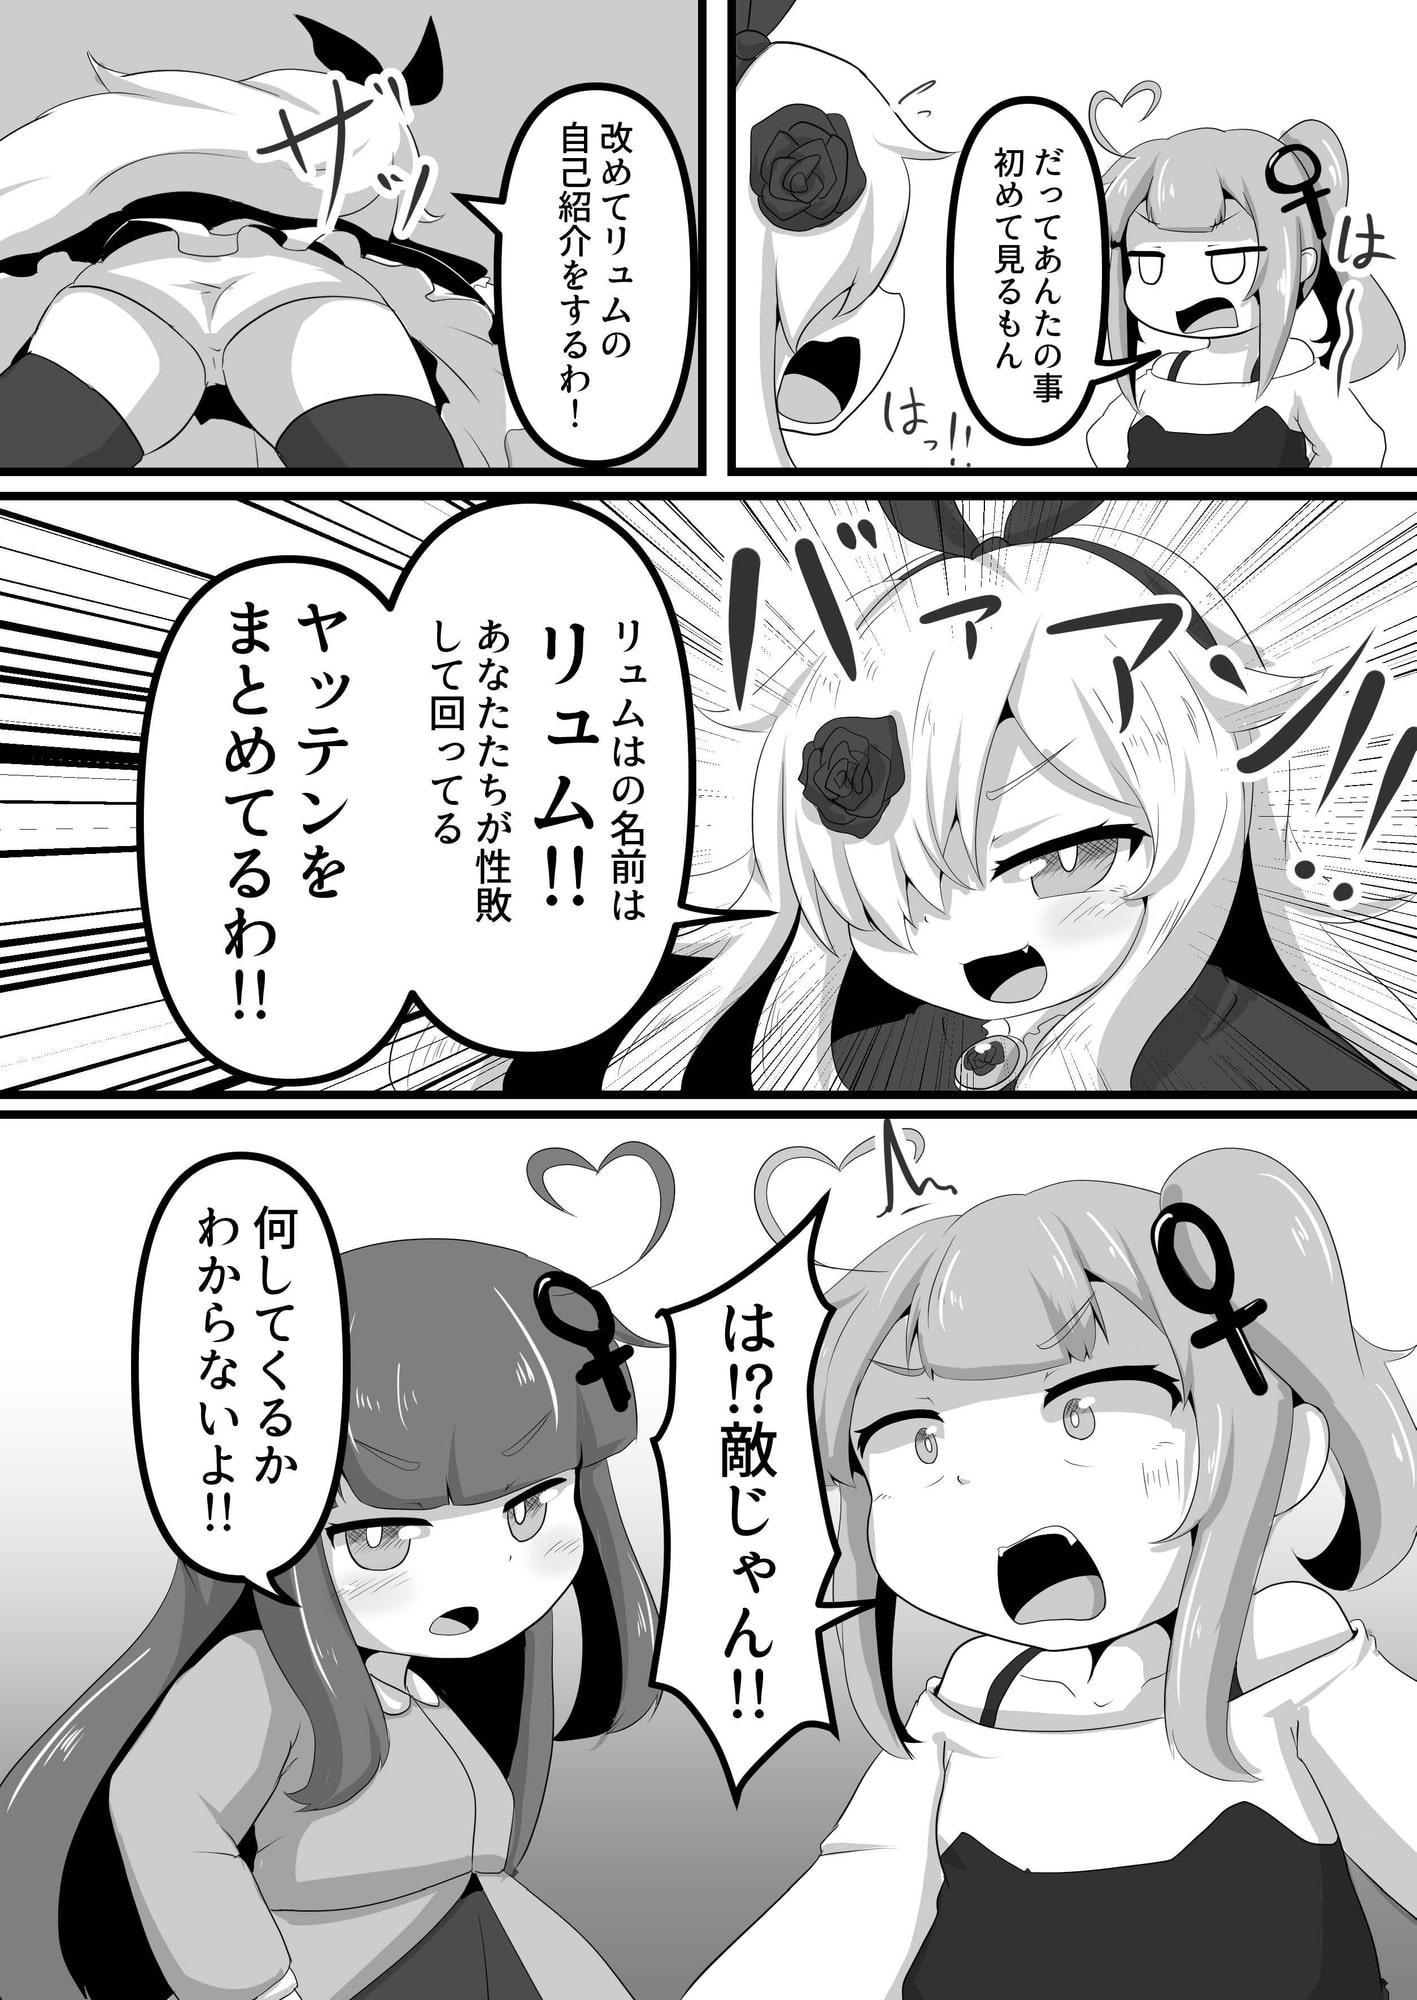 激震バイブレーター♀